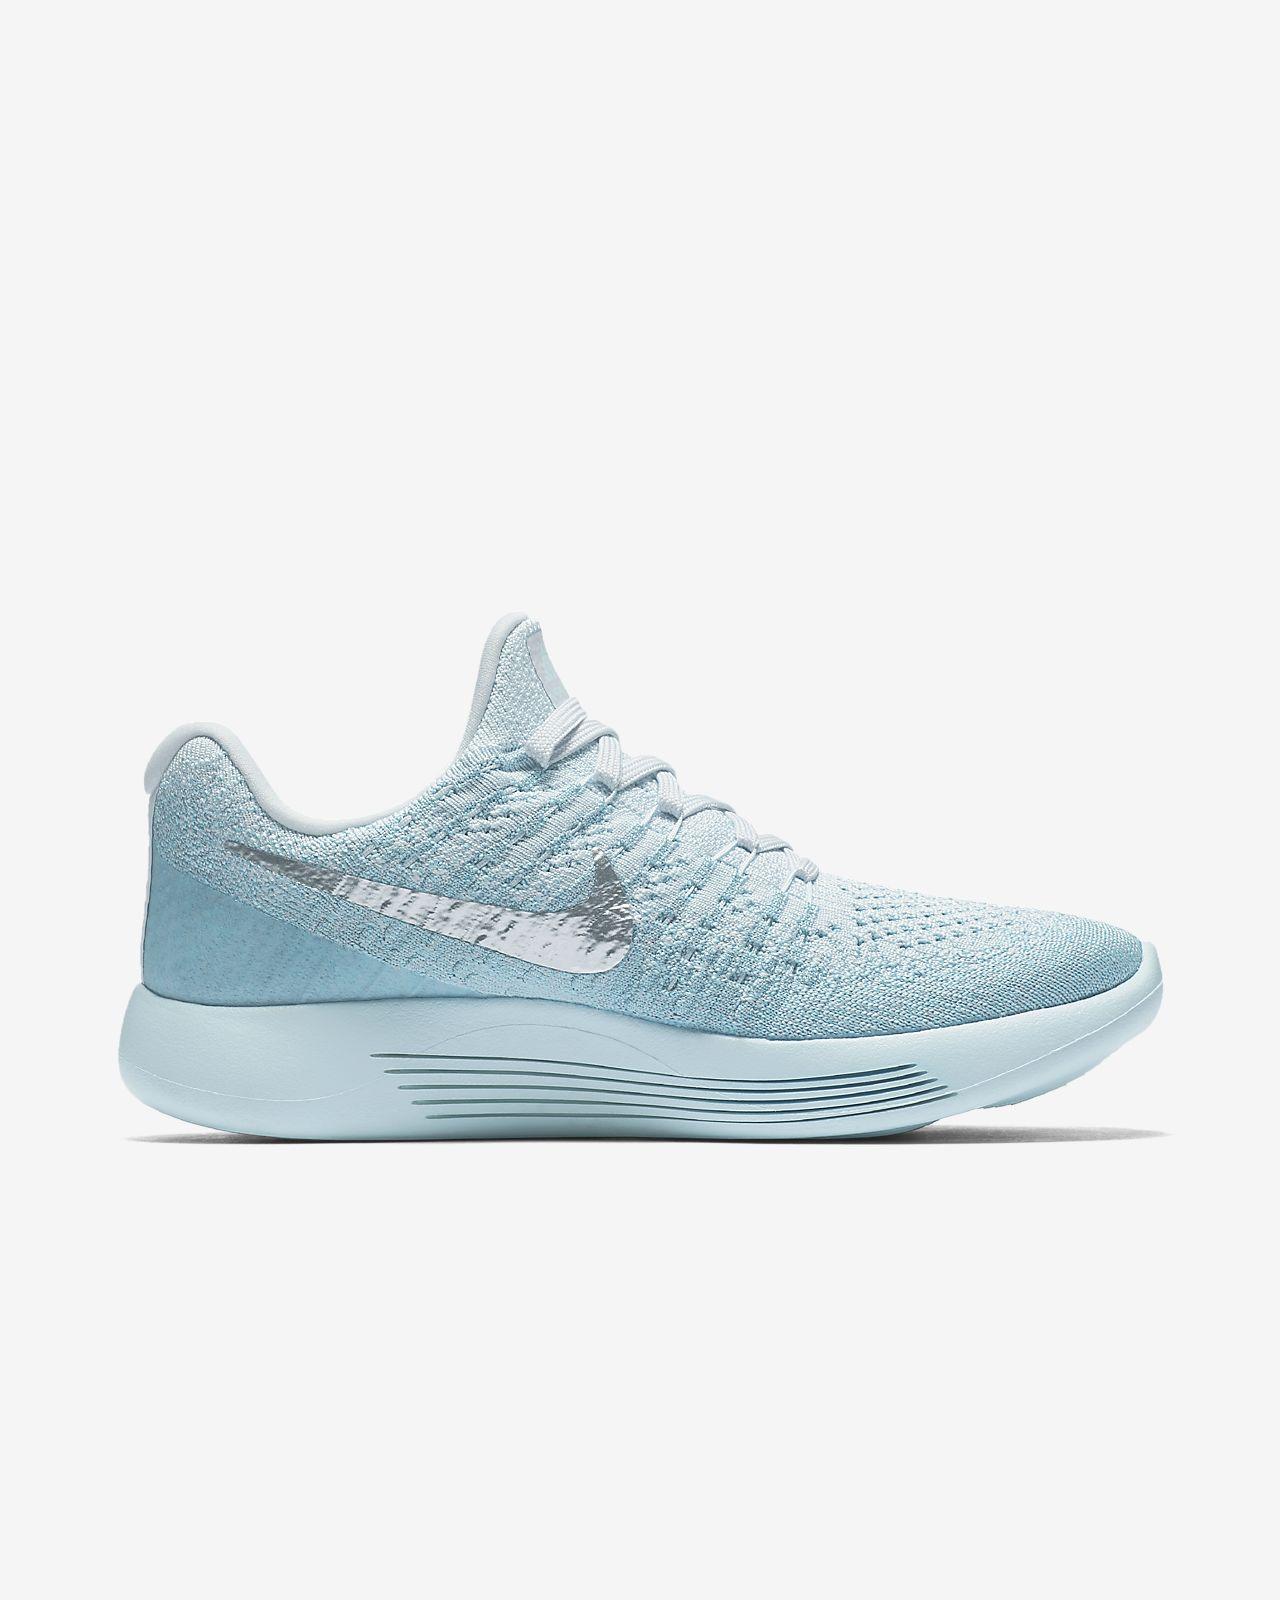 Nike LunarEpic Low Flyknit 2 Women's Running Shoe. Nike.com